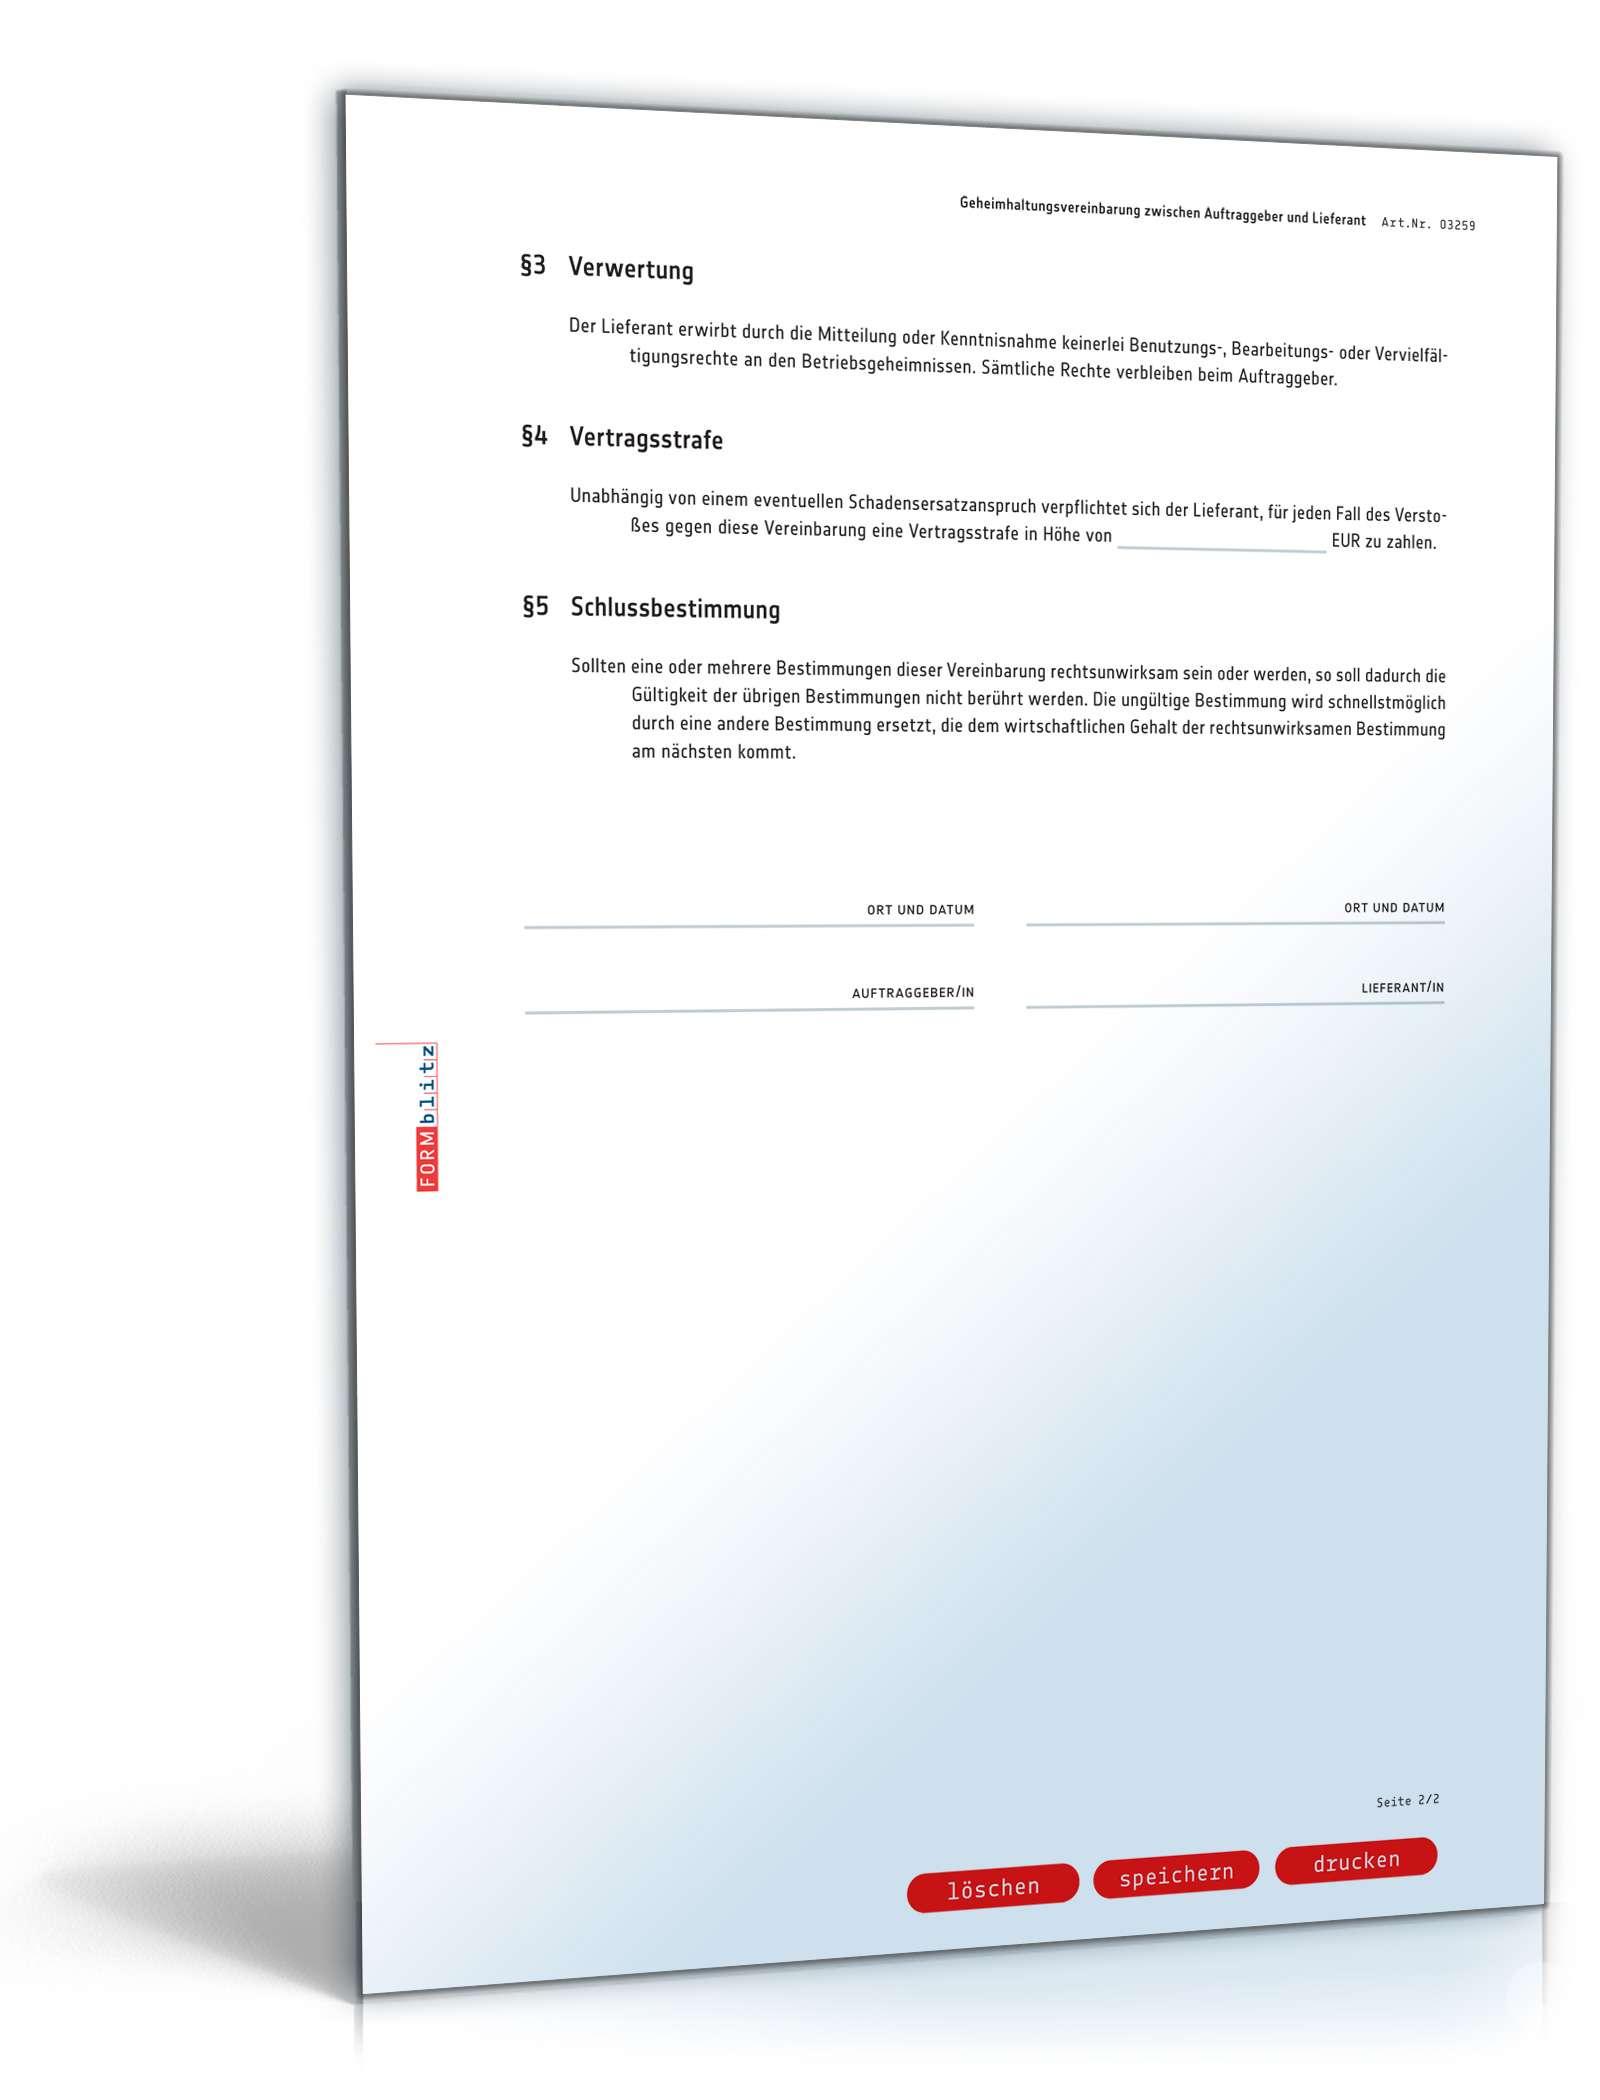 Geheimhaltungsvereinbarung Mit Lieferant Vorlage Zum Download